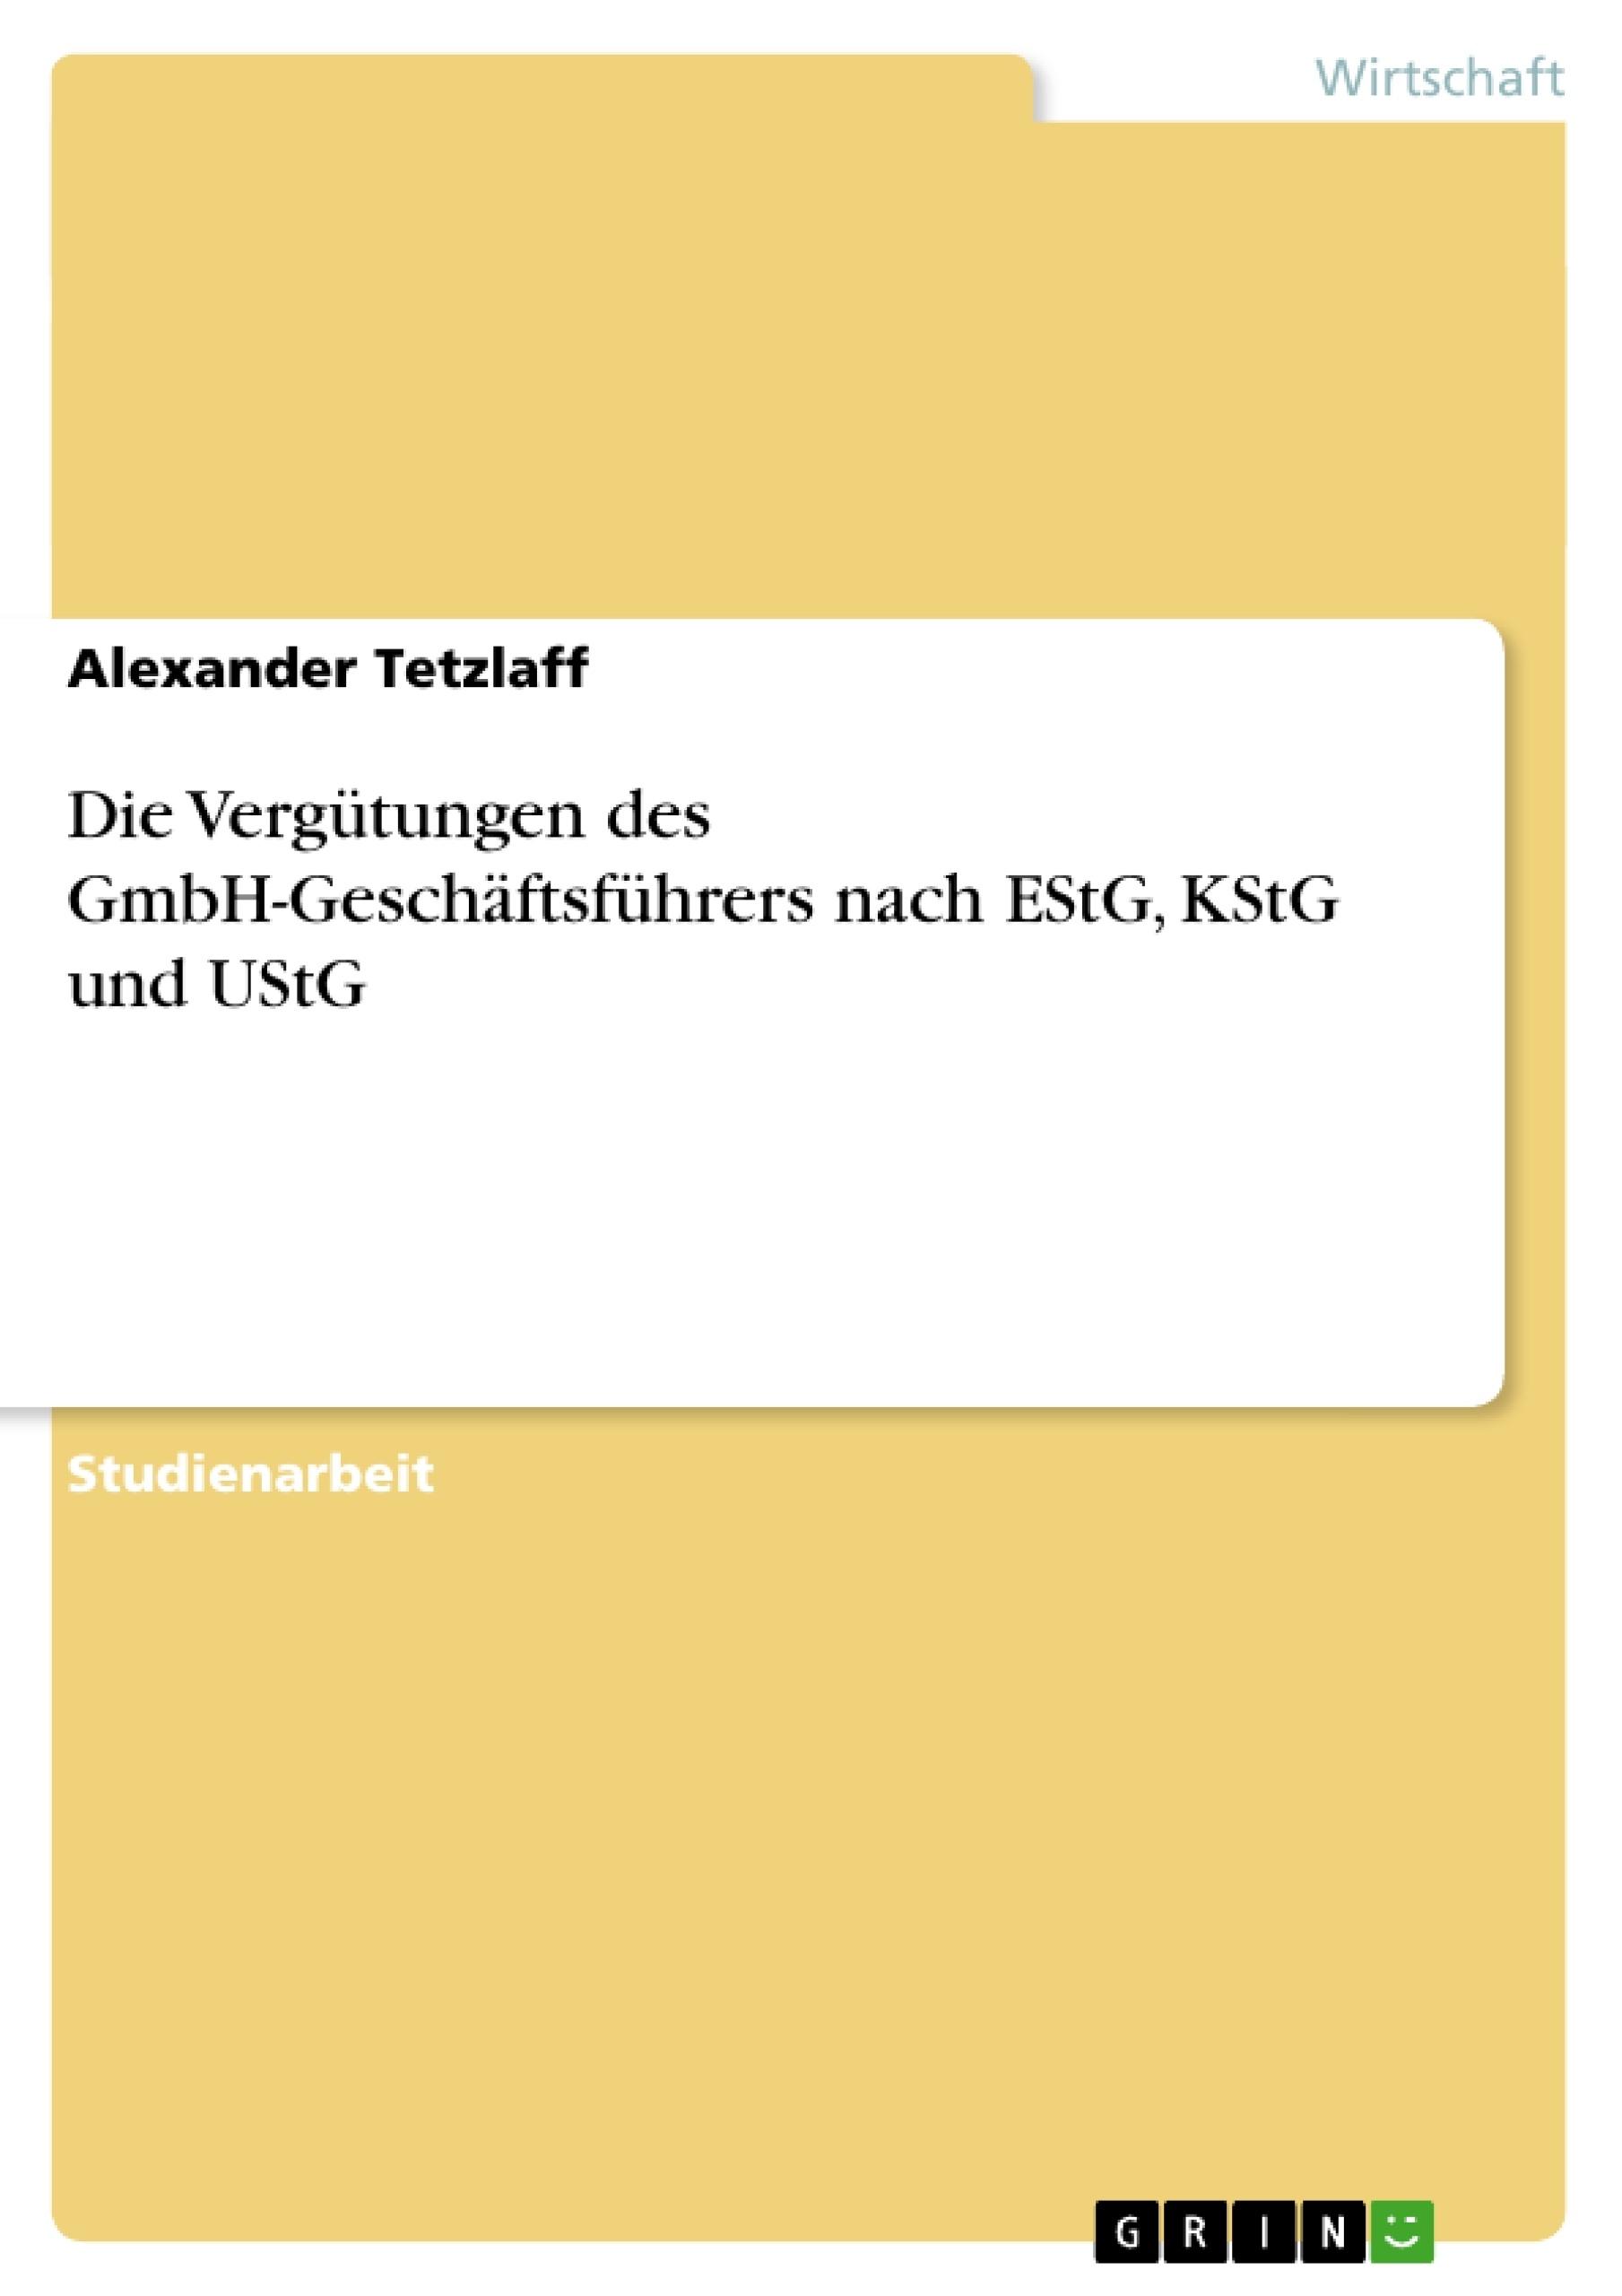 Titel: Die Vergütungen des GmbH-Geschäftsführers nach EStG, KStG und UStG